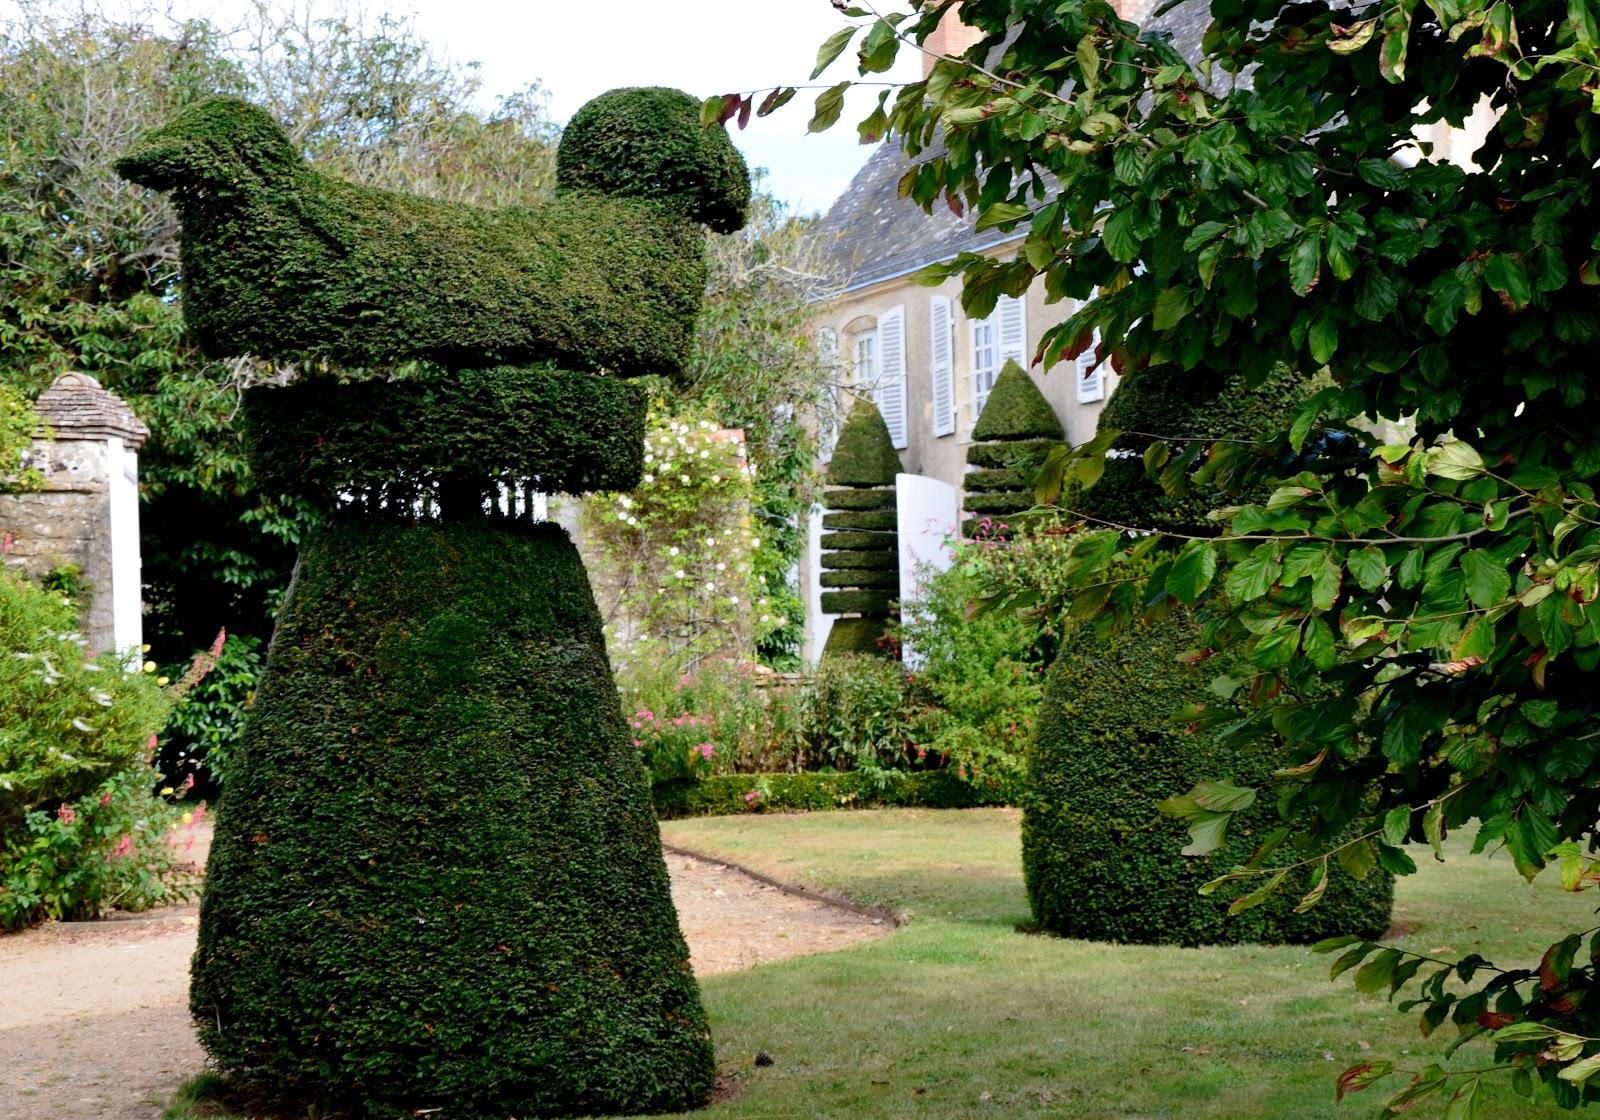 Si la rose art topiaire au jardin de la massonni re - Jardin topiaire ...